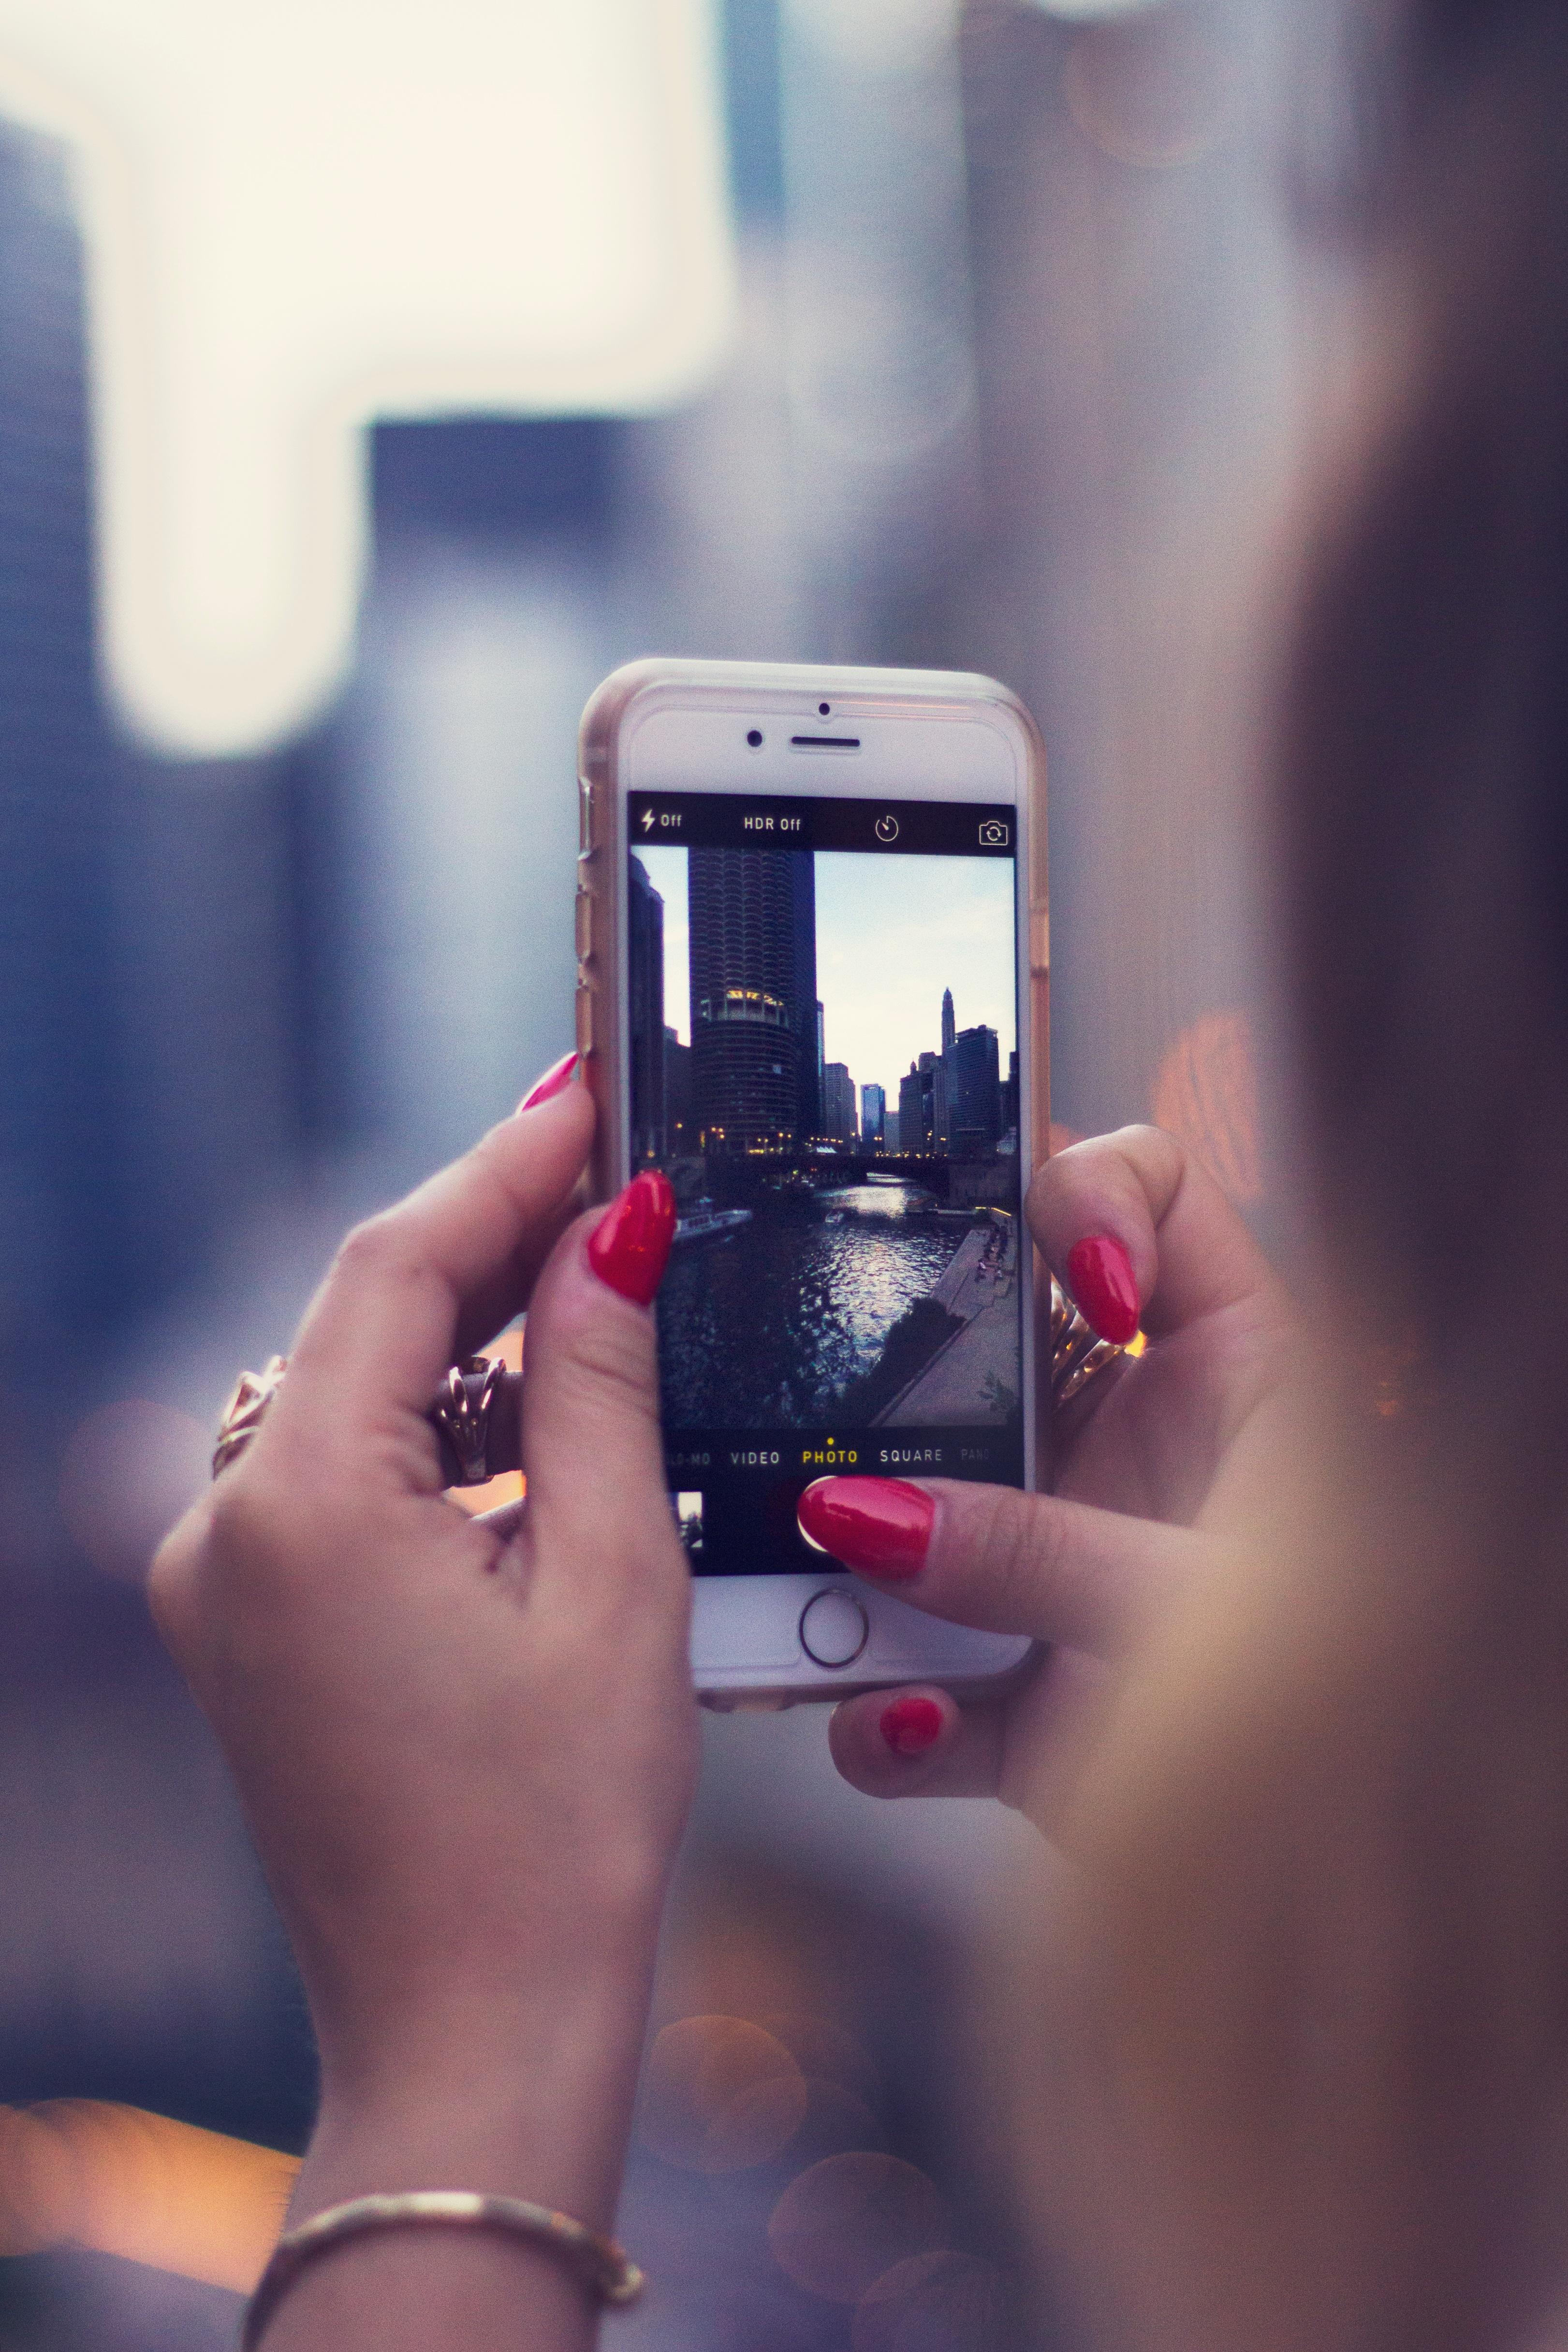 днем картинки фоткать на телефон полная свобода для